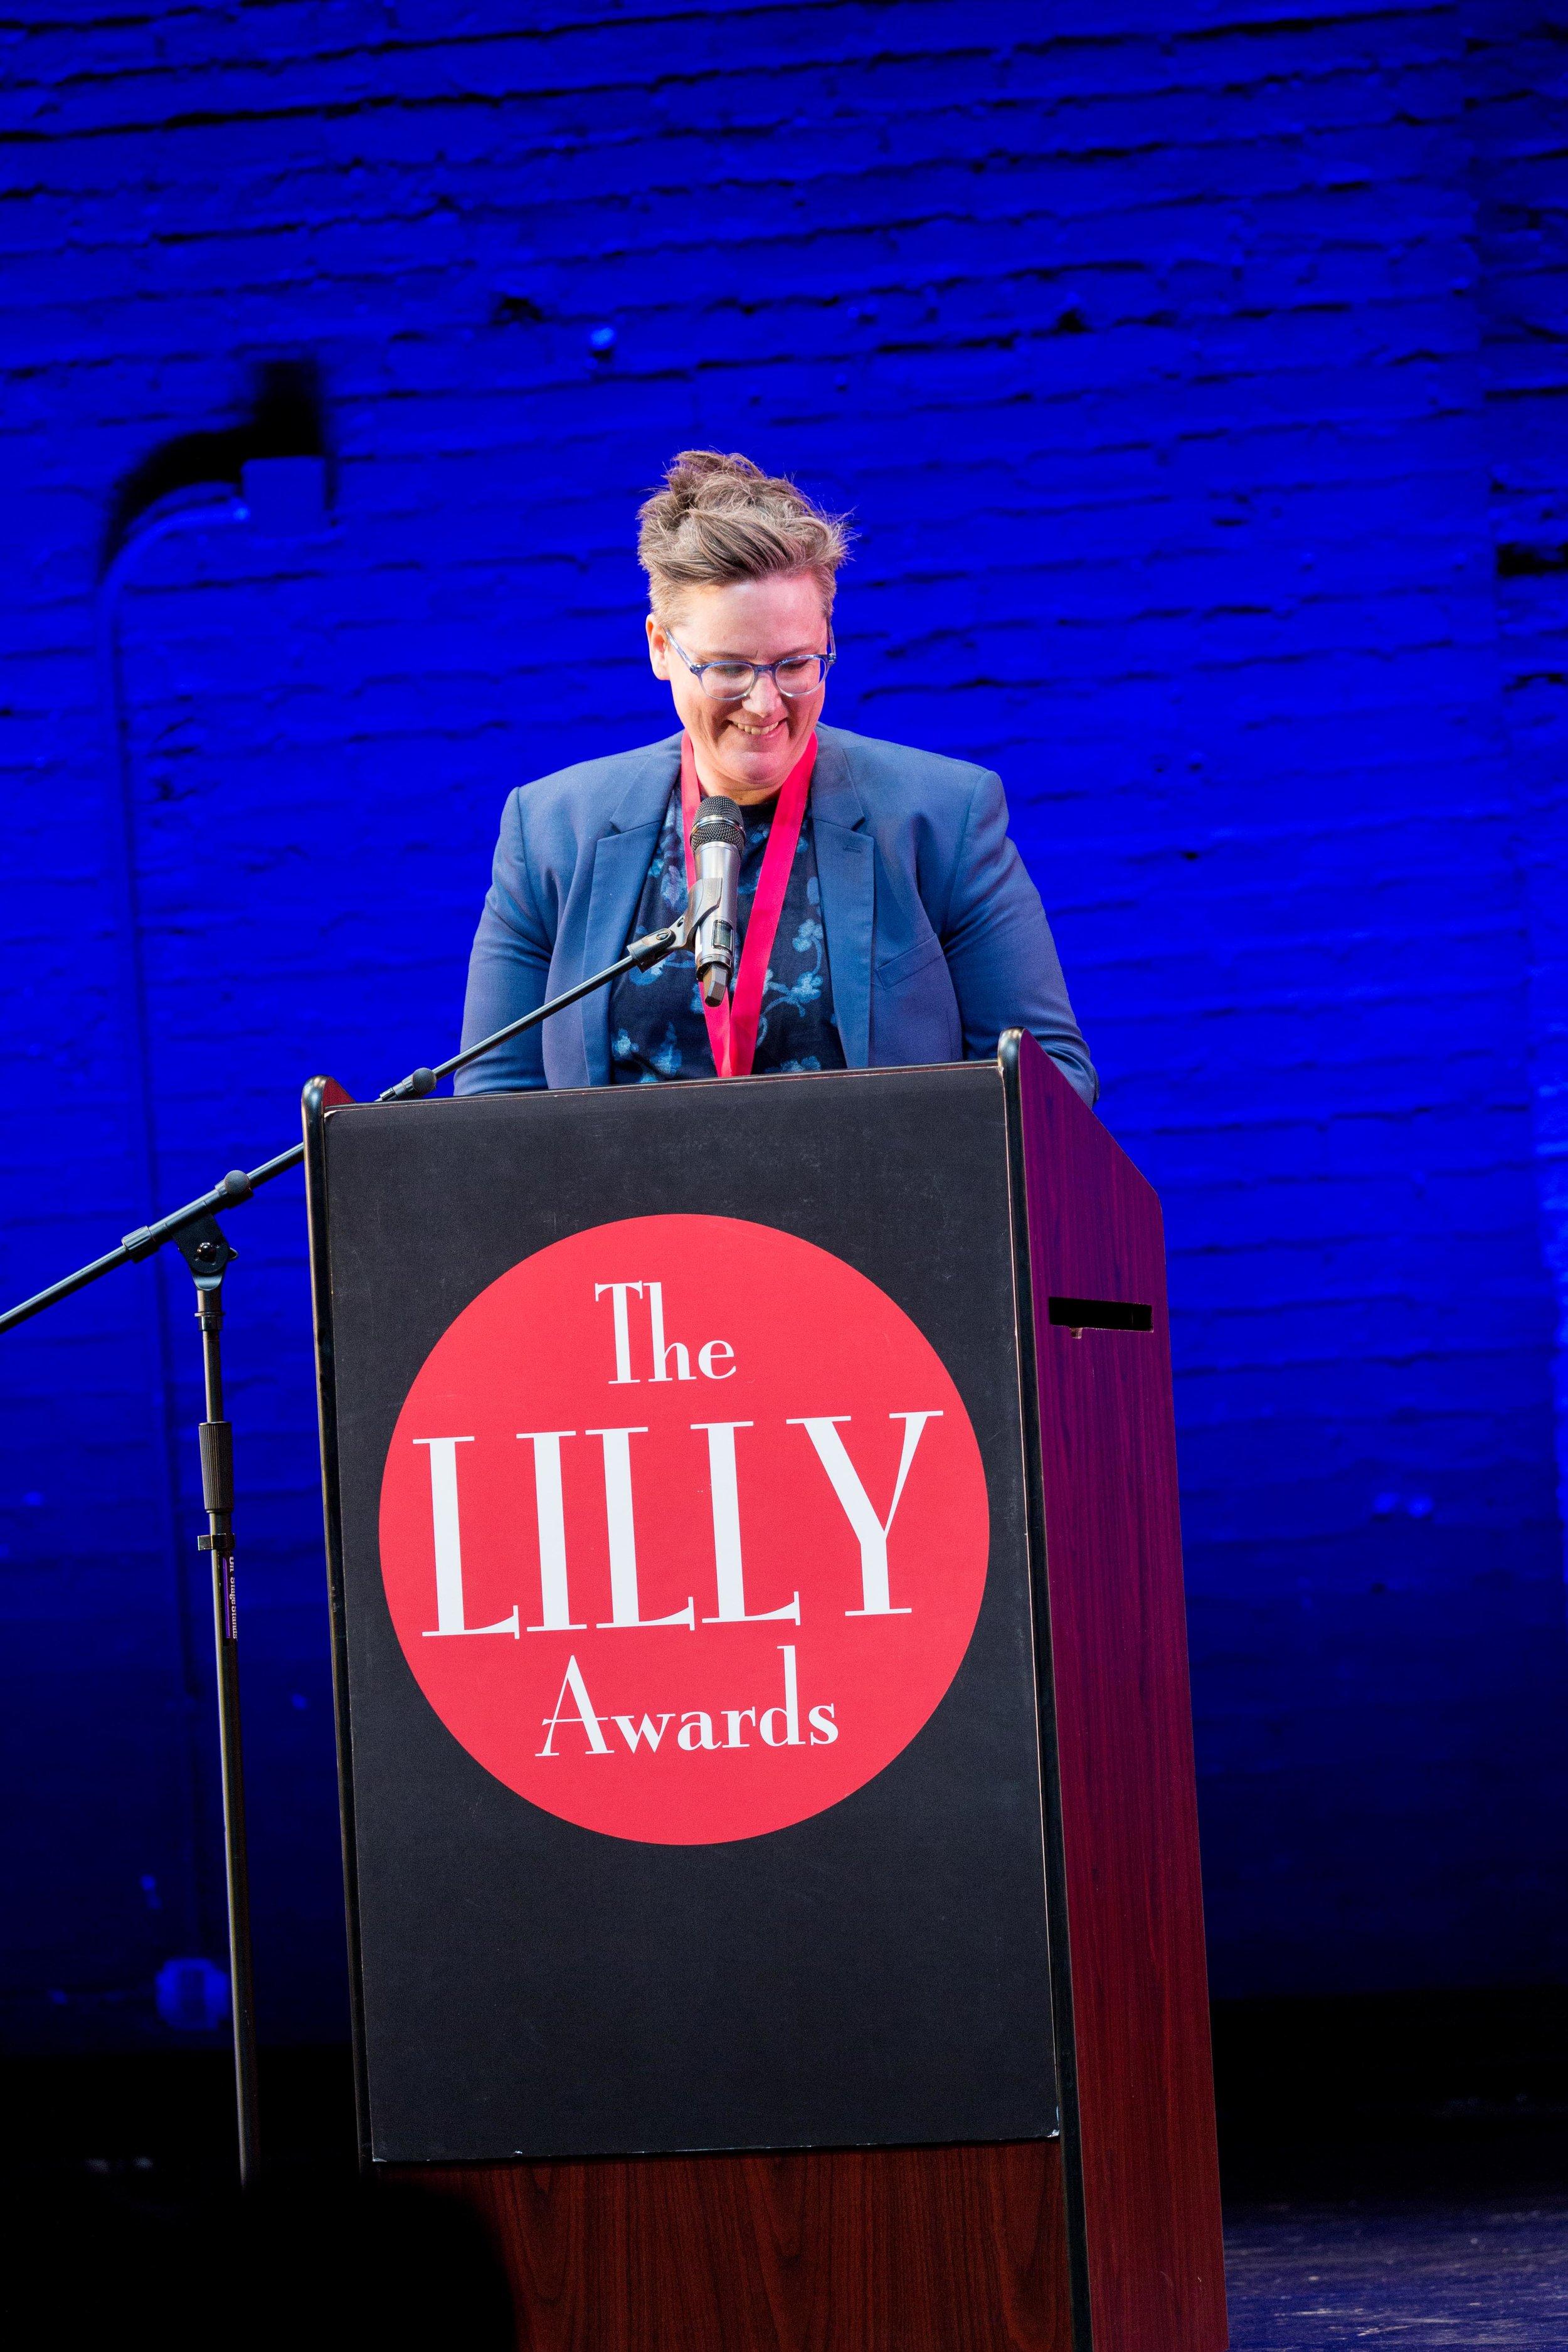 lilly awards 2018-052.jpg